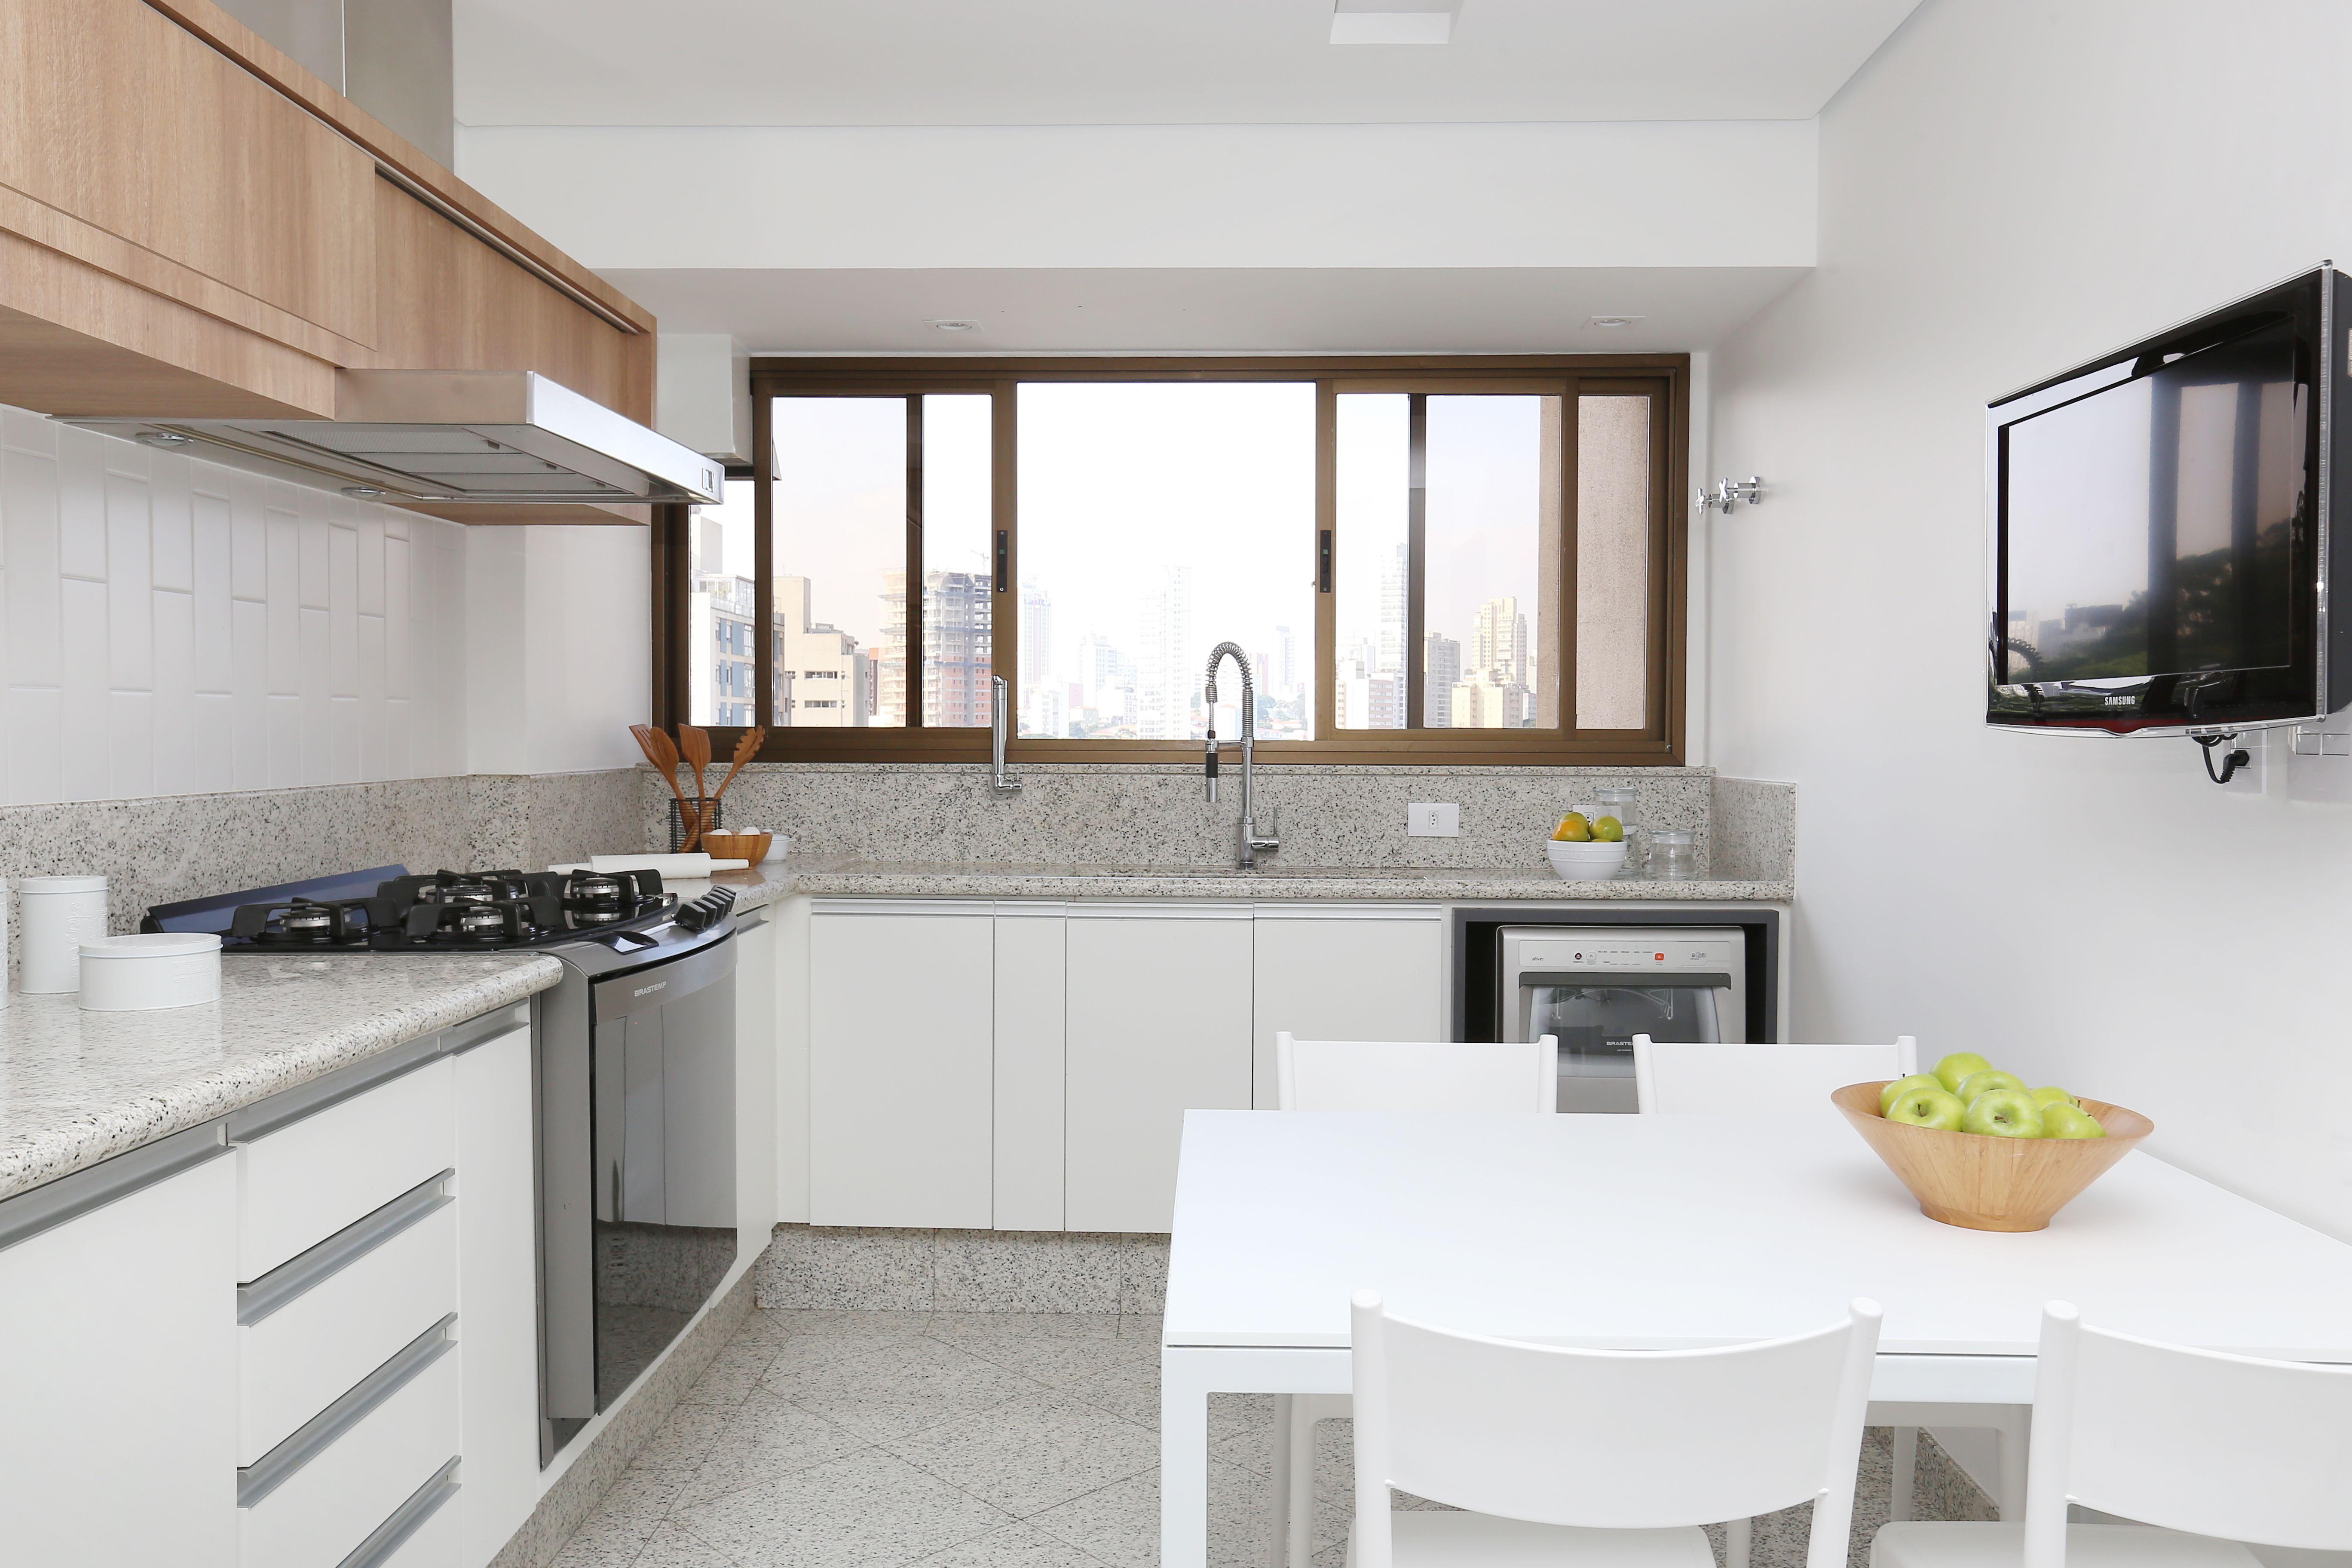 Cozinha Com Piso Existente Em Granito Cinza E Paredes Em Pintura